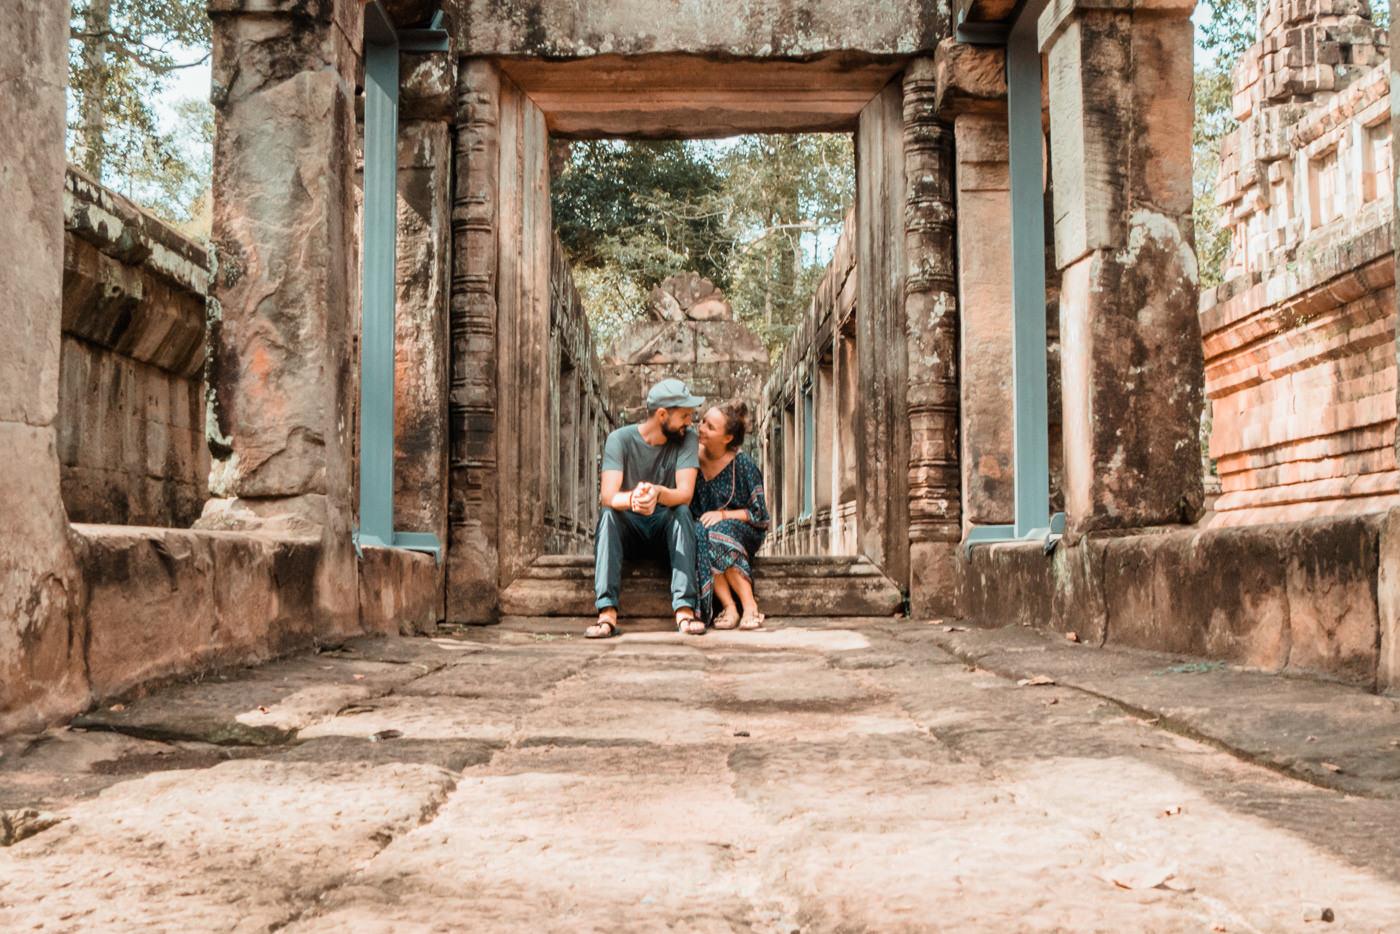 Ta Keo Tempel, Angkor Wat, Kambodscha